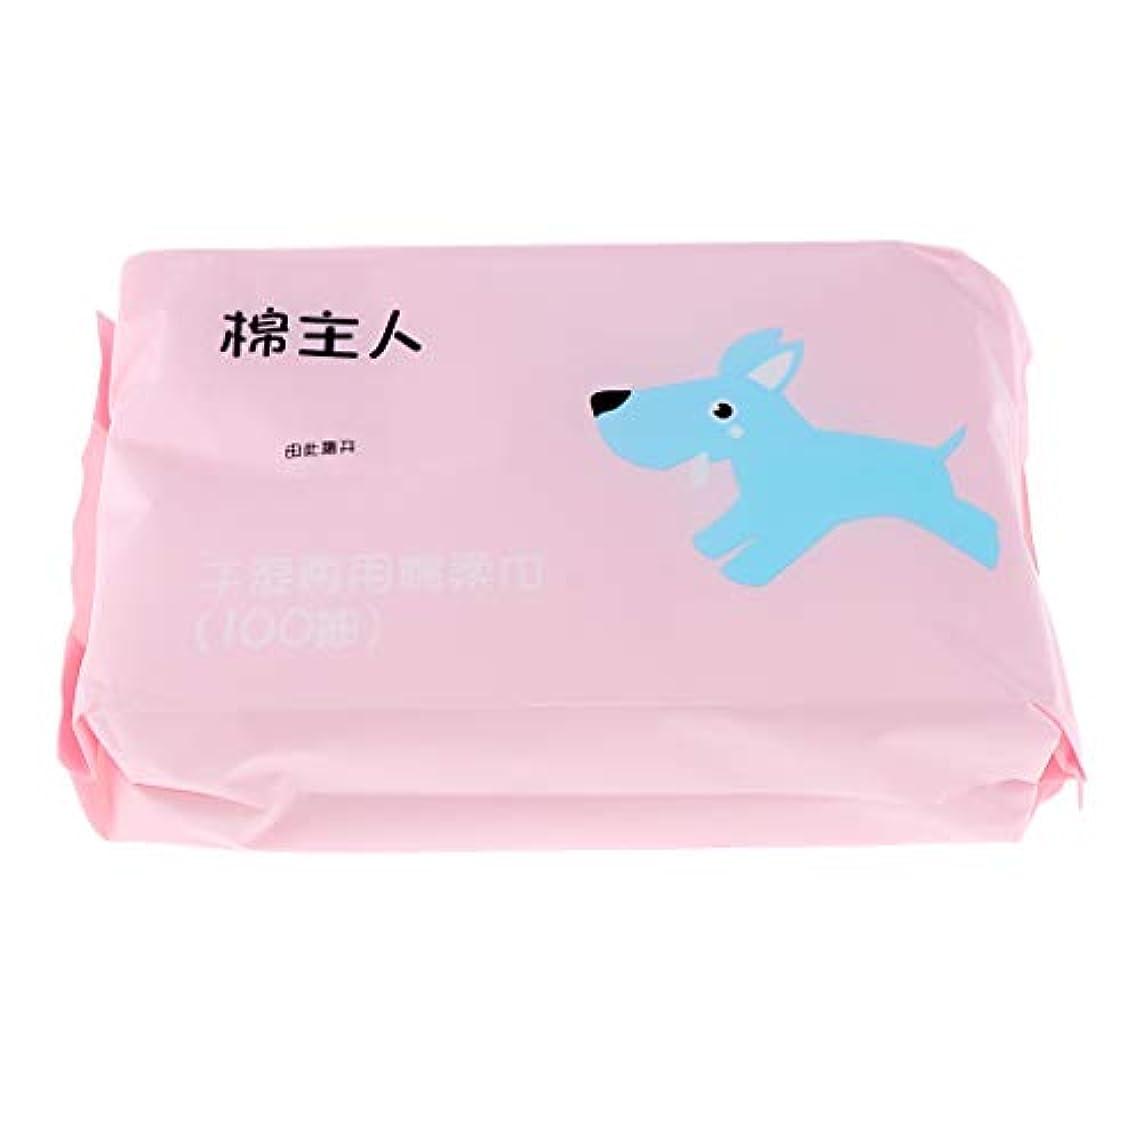 慣性対処する取り除く約100枚 使い捨て フェイシャルタオル クリーニング フェイスタオル 化粧品 ソフト 2色選べ - ピンク